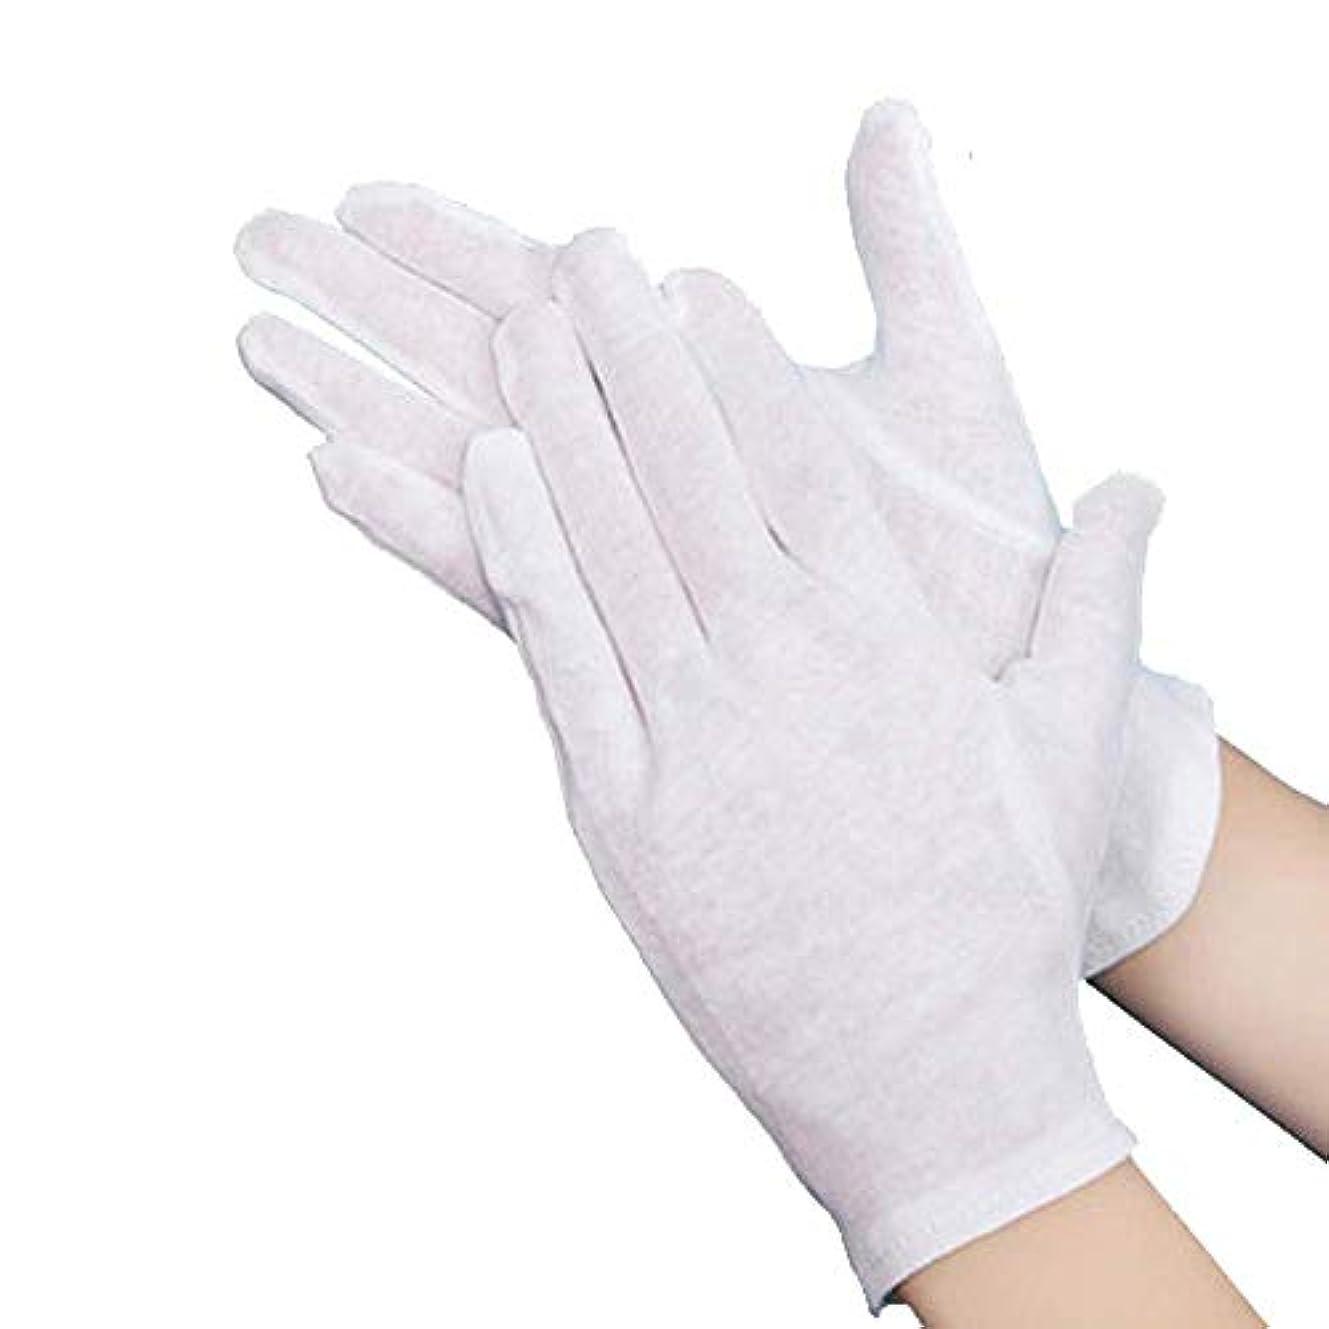 ポイント食事規制10双組 M トン手袋 綿手袋 通気性